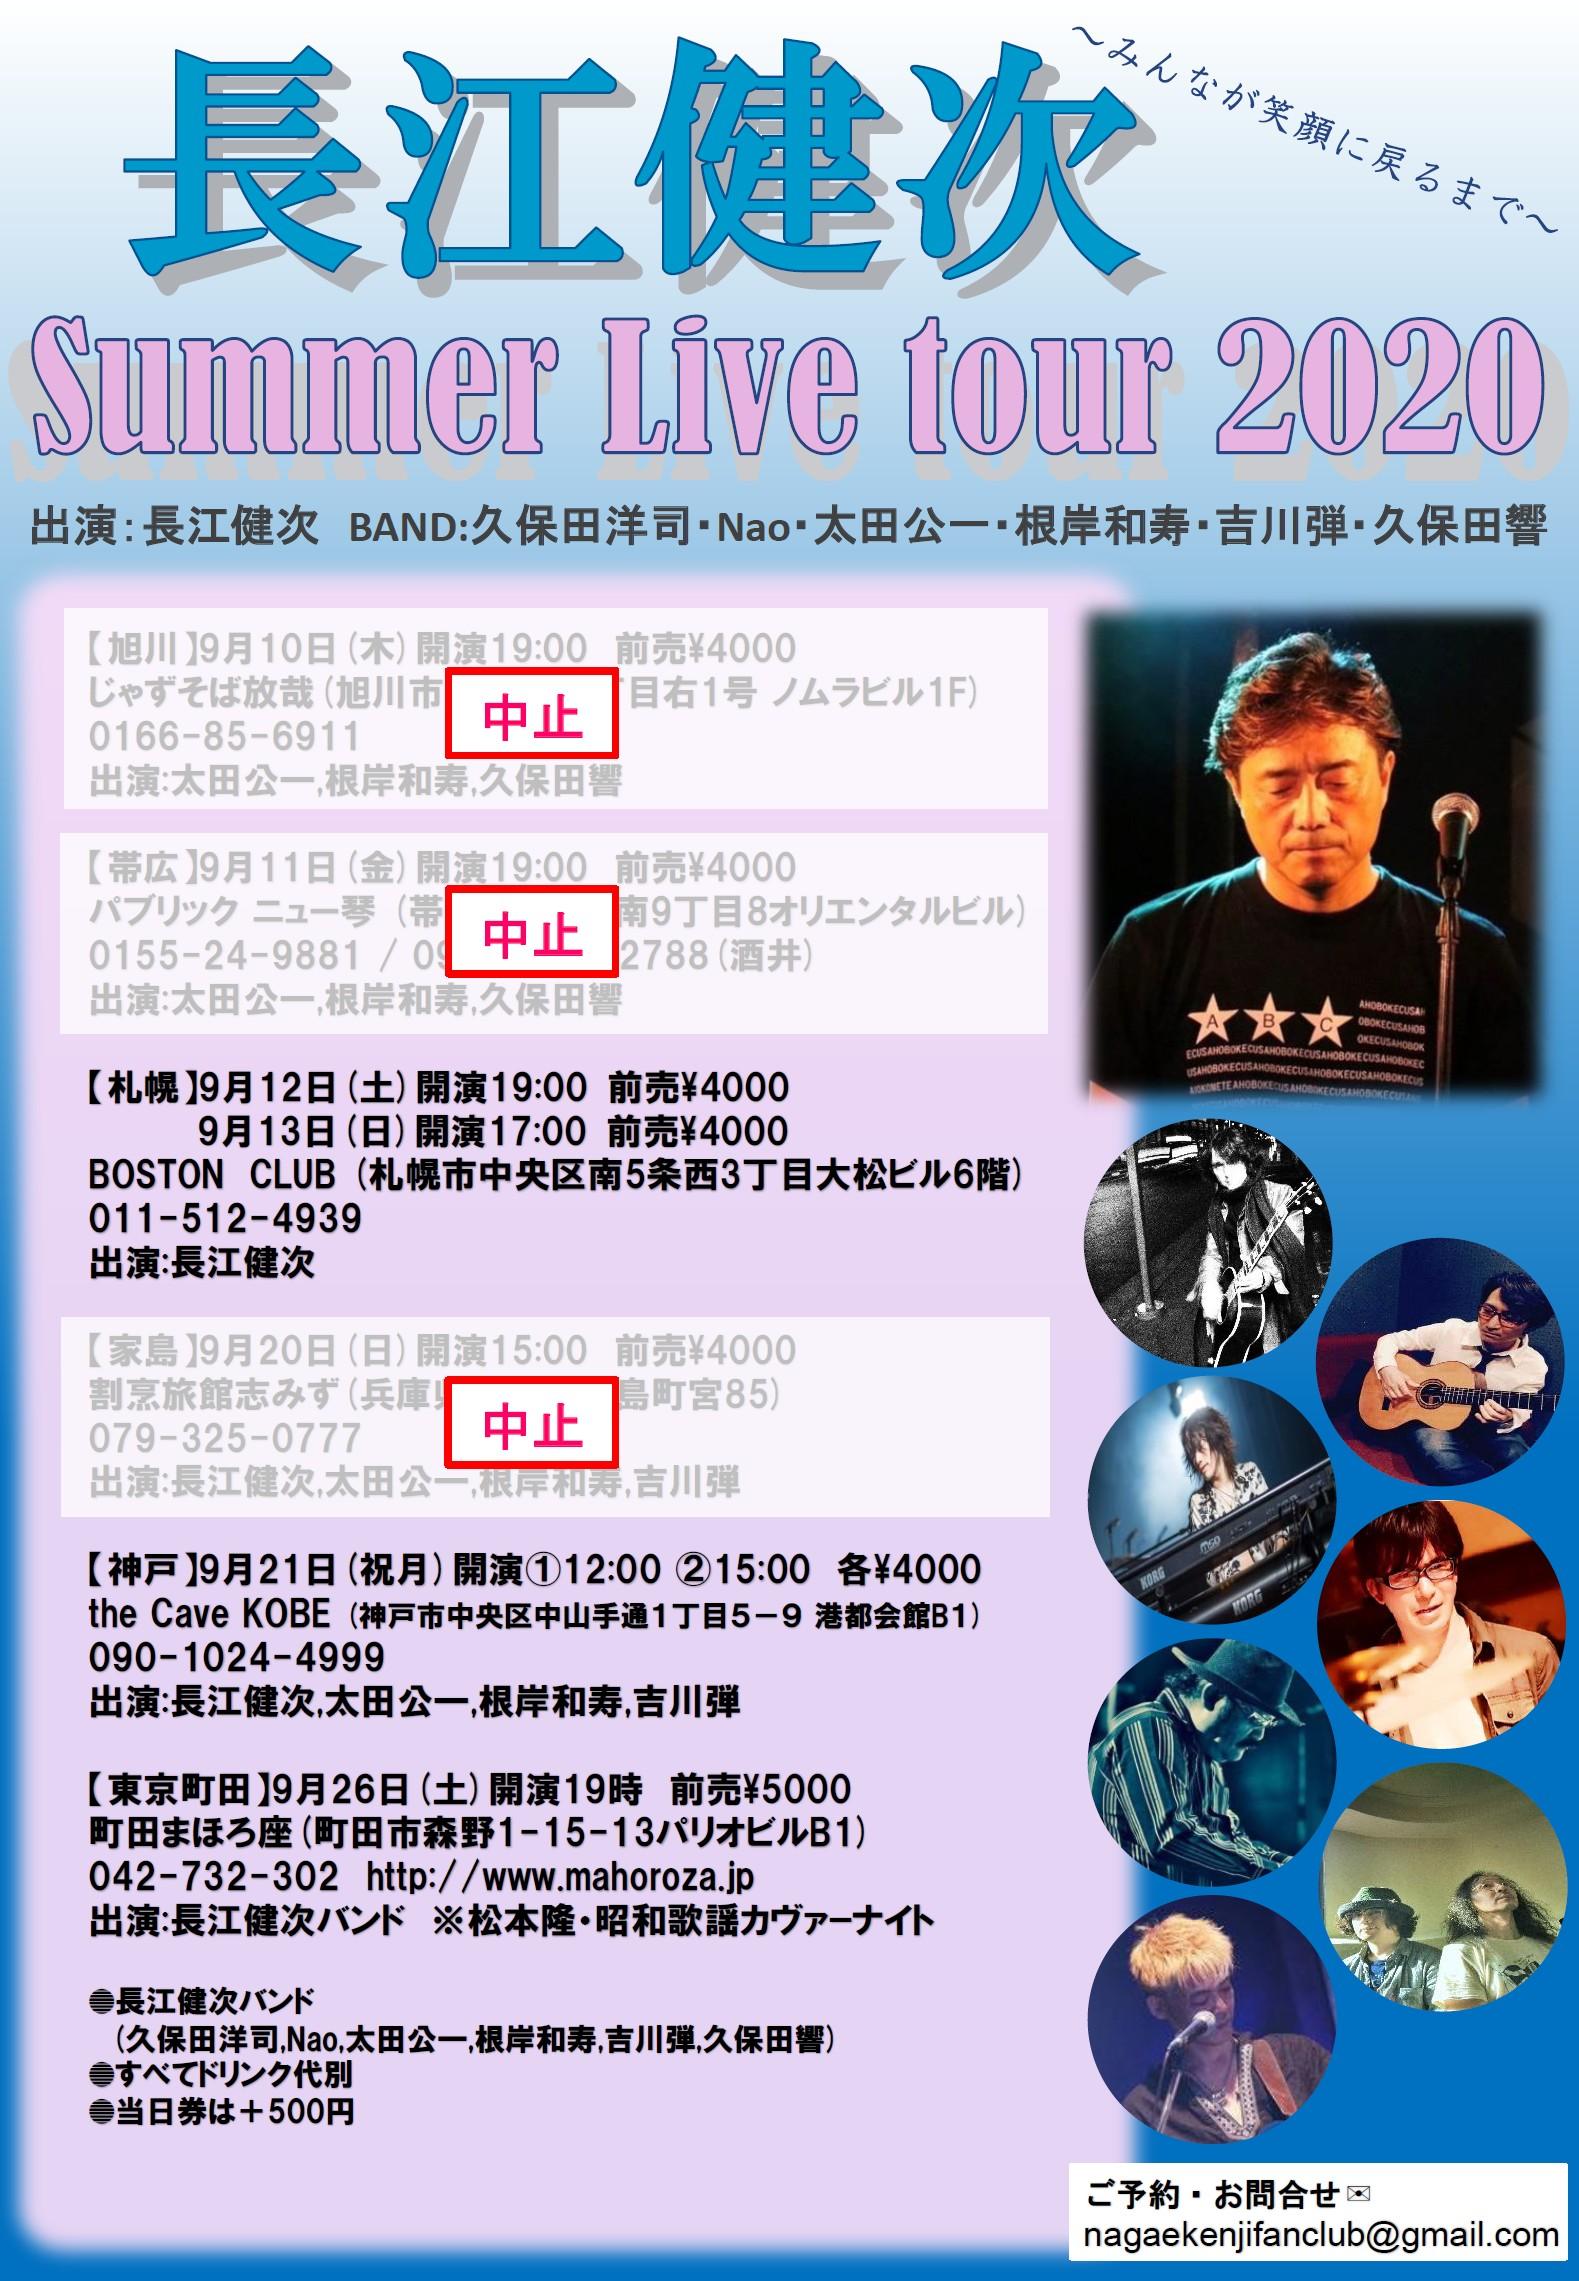 【札幌】長江健次Summer Live tour 2020 @BOSTON CLUB